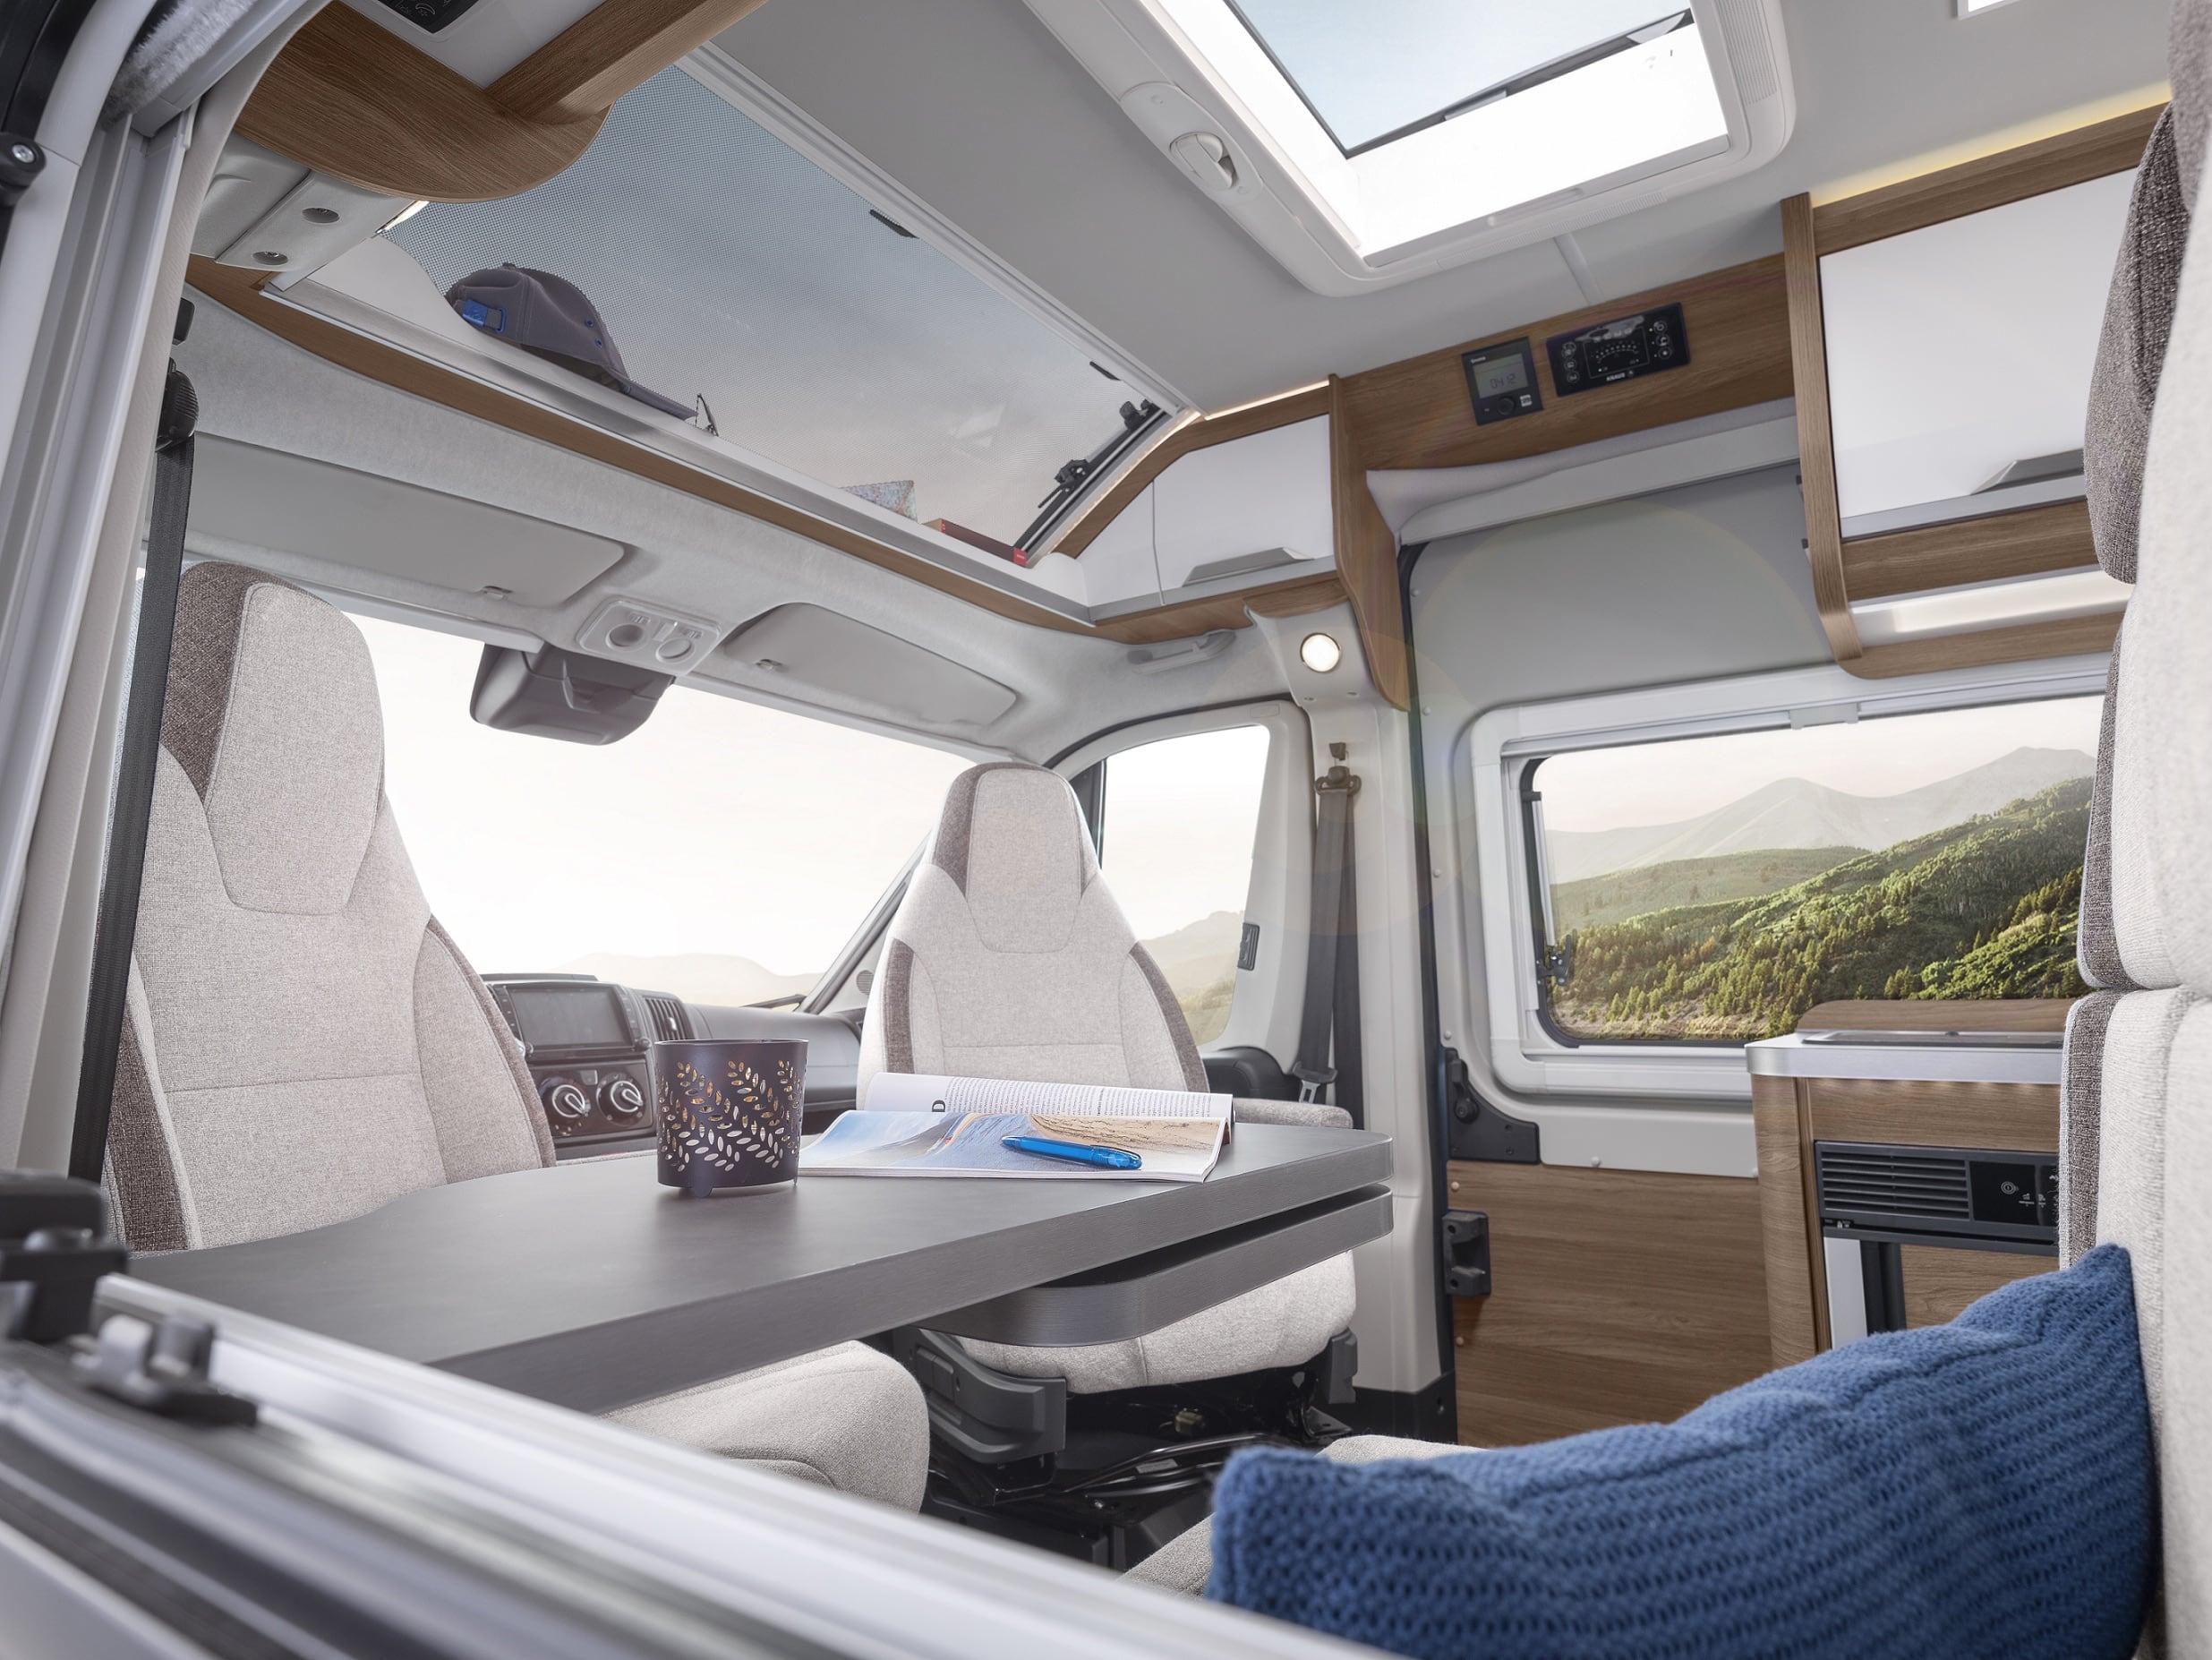 Kastenwagen Knaus Boxstar mit Panoramadach 2021